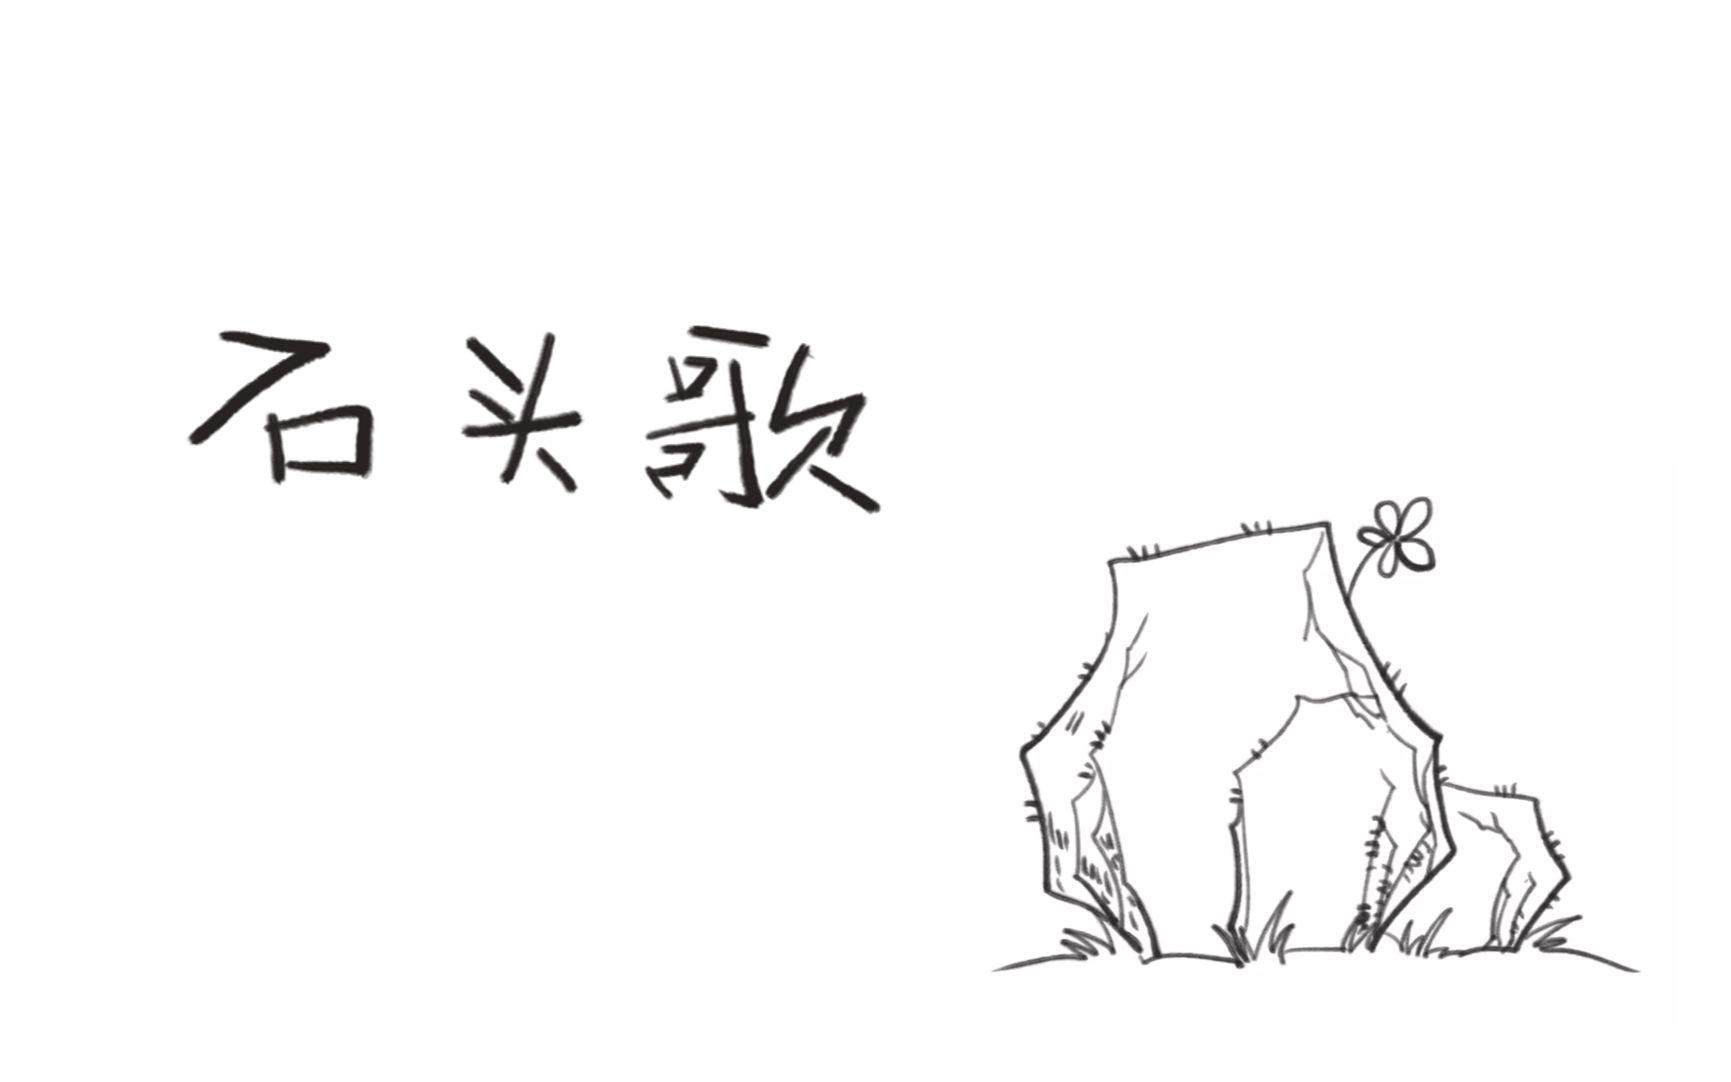 【三无xilem】石头歌【收录于专辑《无事发生》】